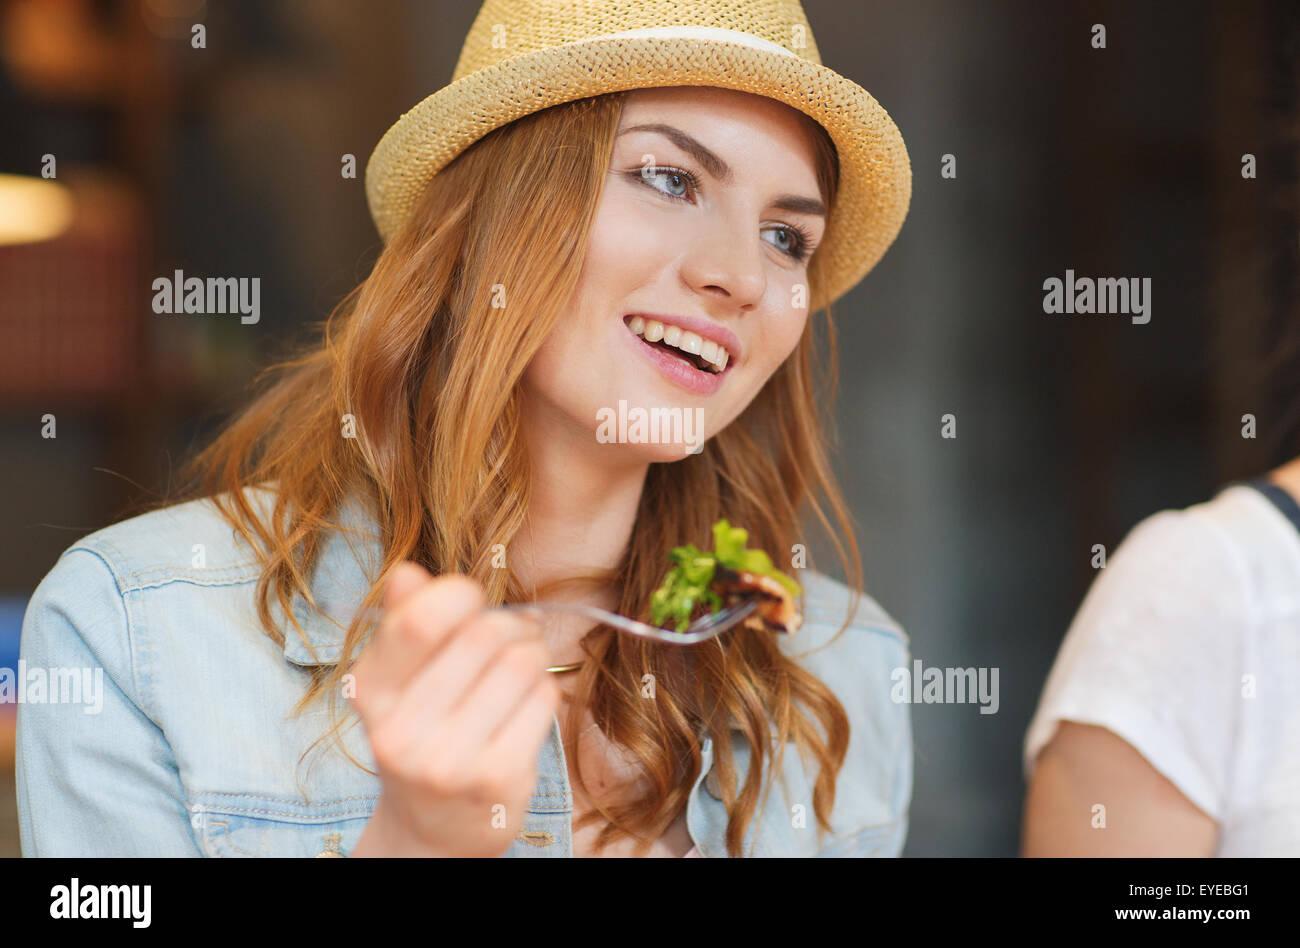 Felice giovane donna insalata mangiare al bar o pub Immagini Stock